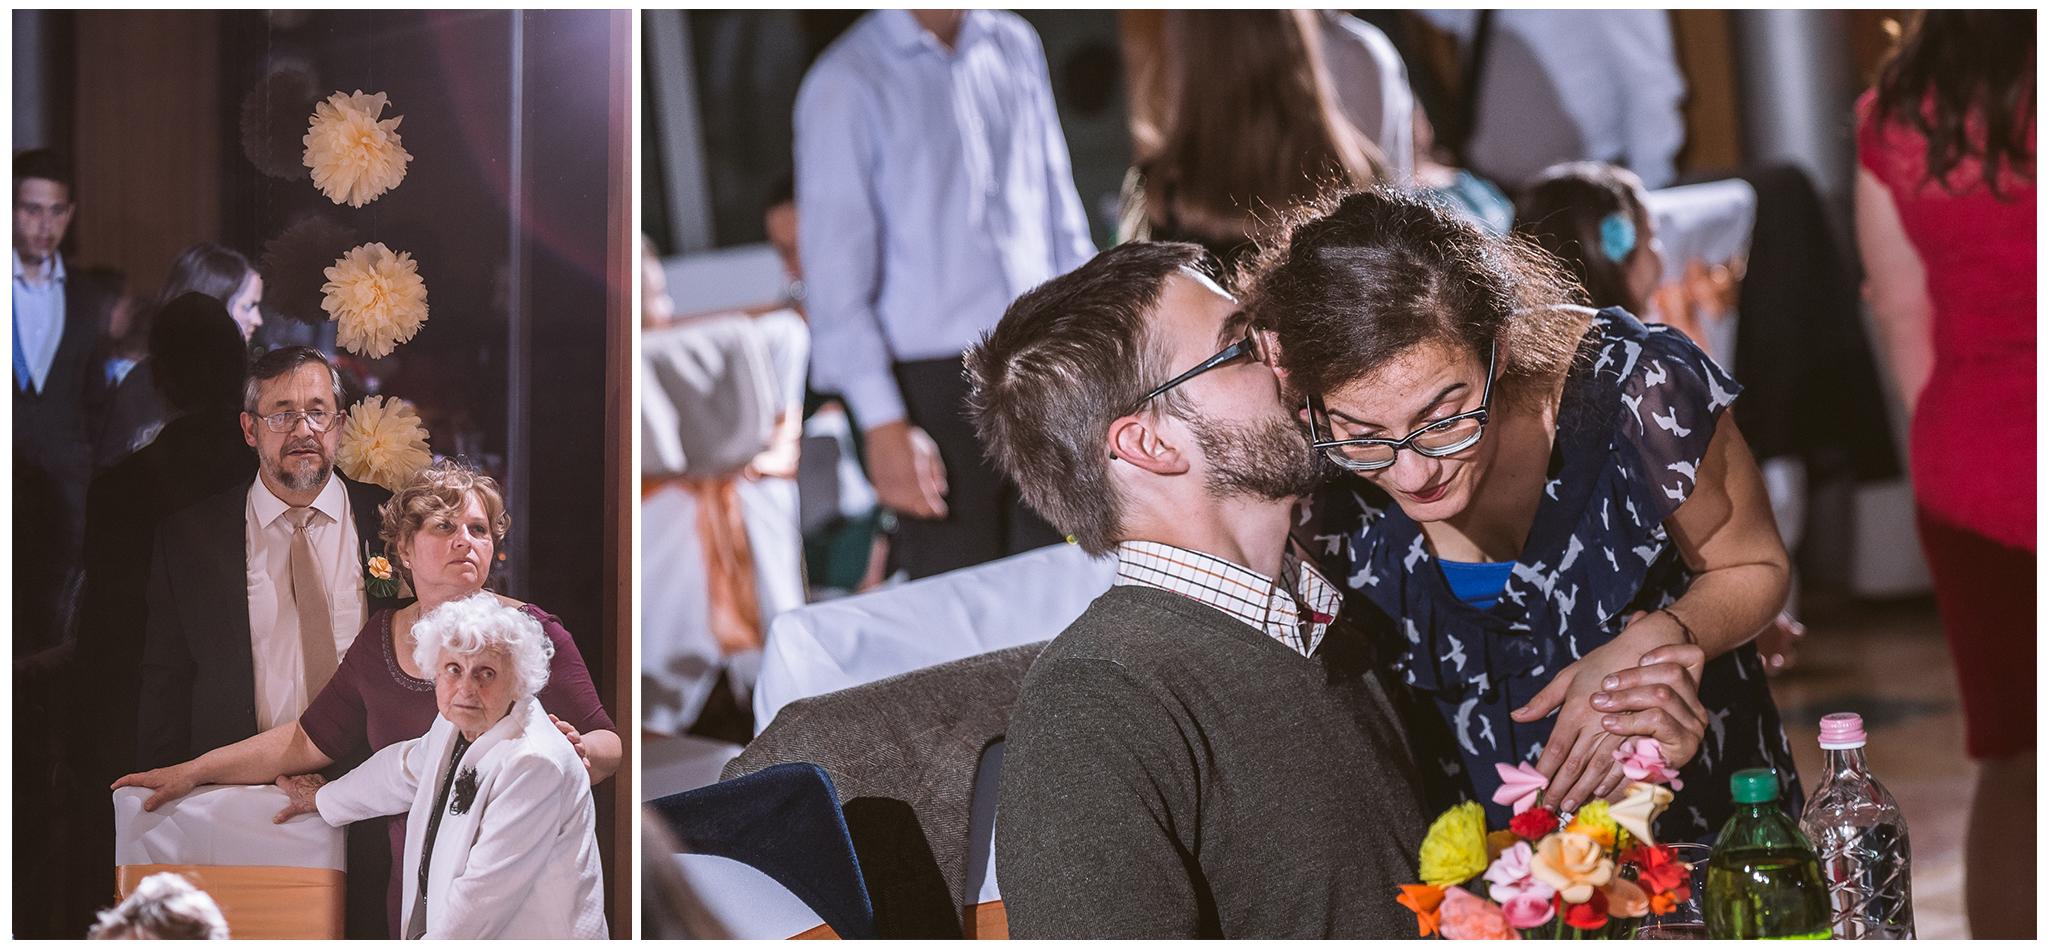 FylepPhoto, esküvőfotós, esküvői fotós Körmend, Szombathely, esküvőfotózás, magyarország, vas megye, prémium, jegyesfotózás, Fülöp Péter, körmend, kreatív, fotográfus_036.jpg